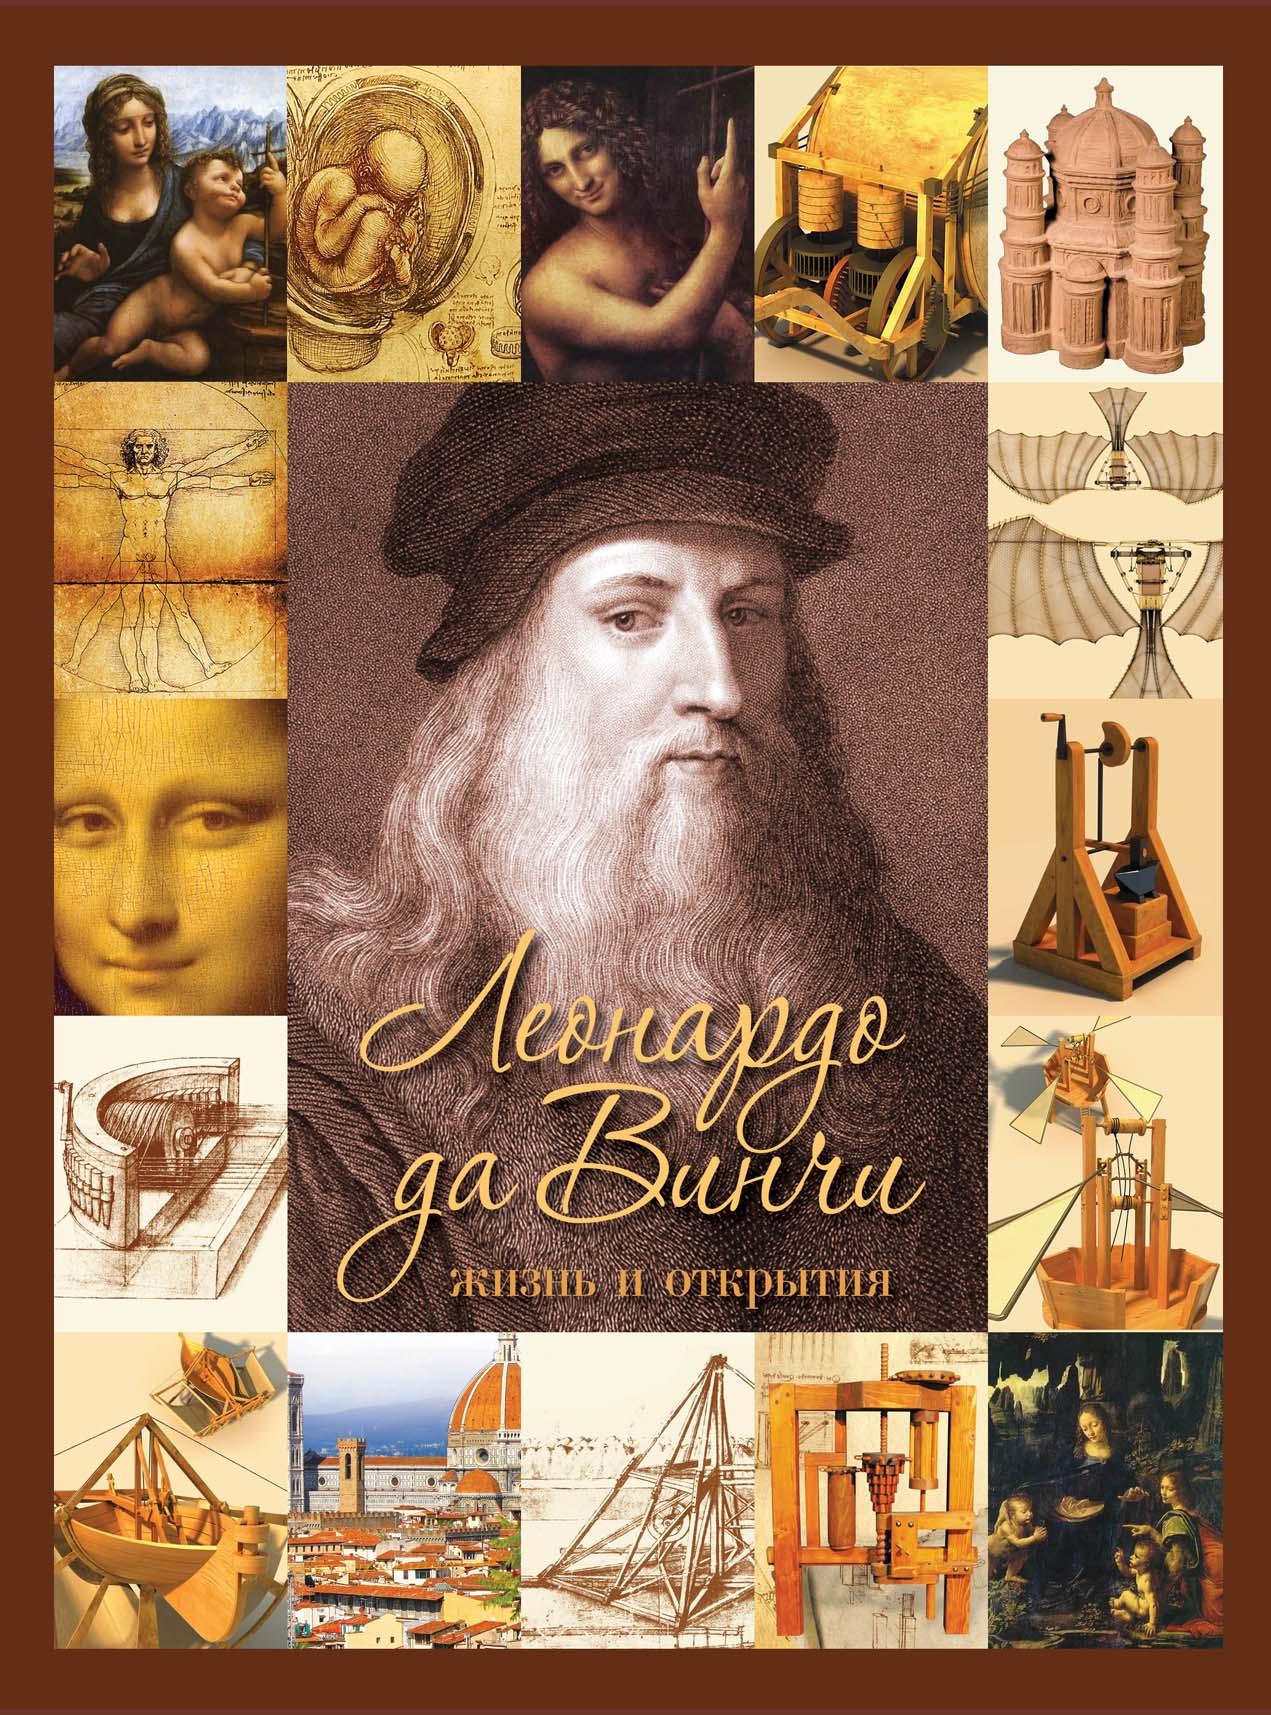 Леонардо да Винчи. Жизнь и открытия